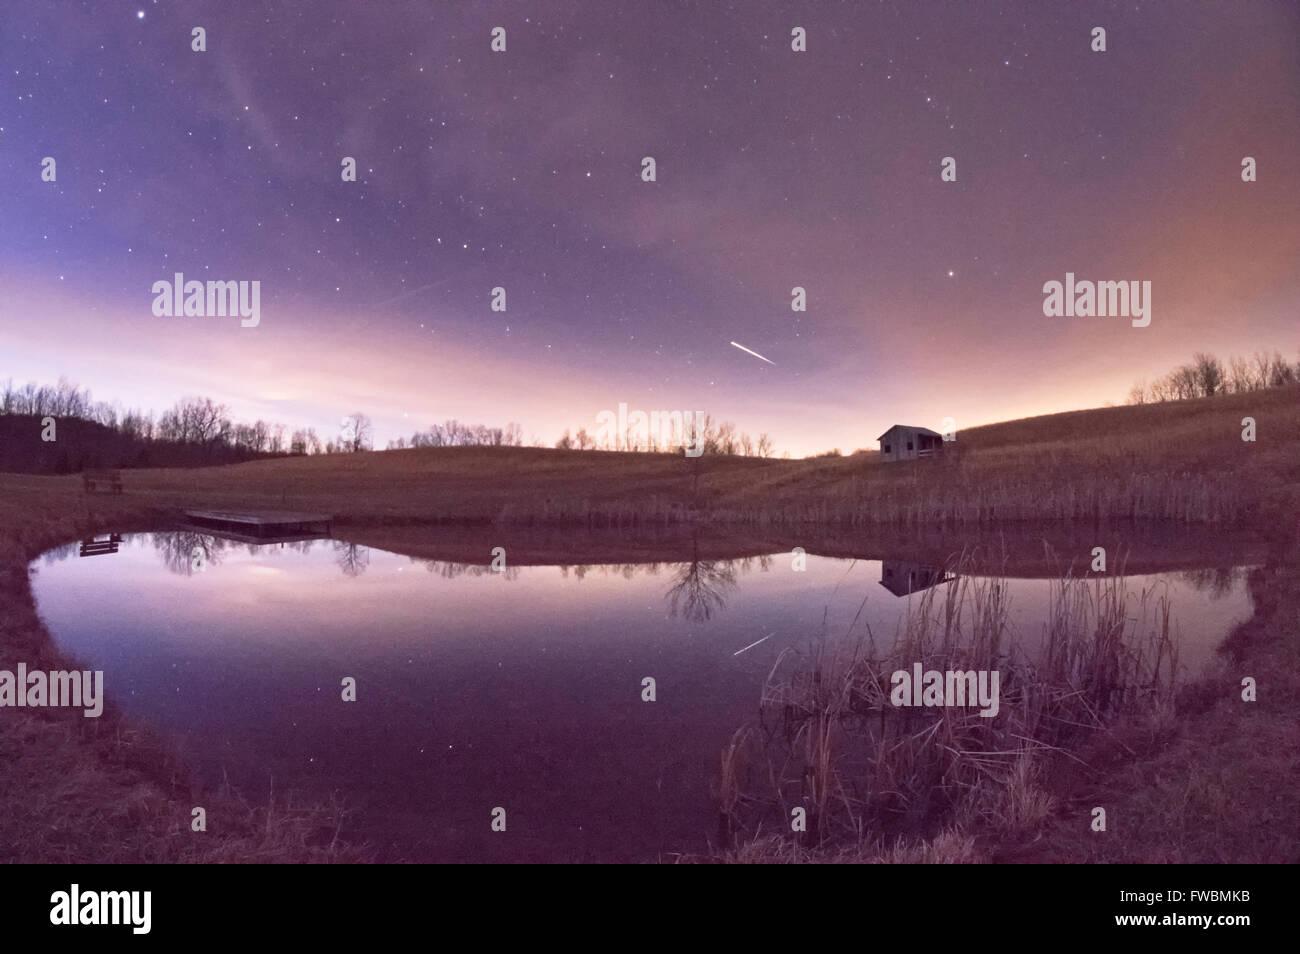 La estación espacial internacional rayas en el cielo por la noche justo después del crepúsculo reflejada Imagen De Stock